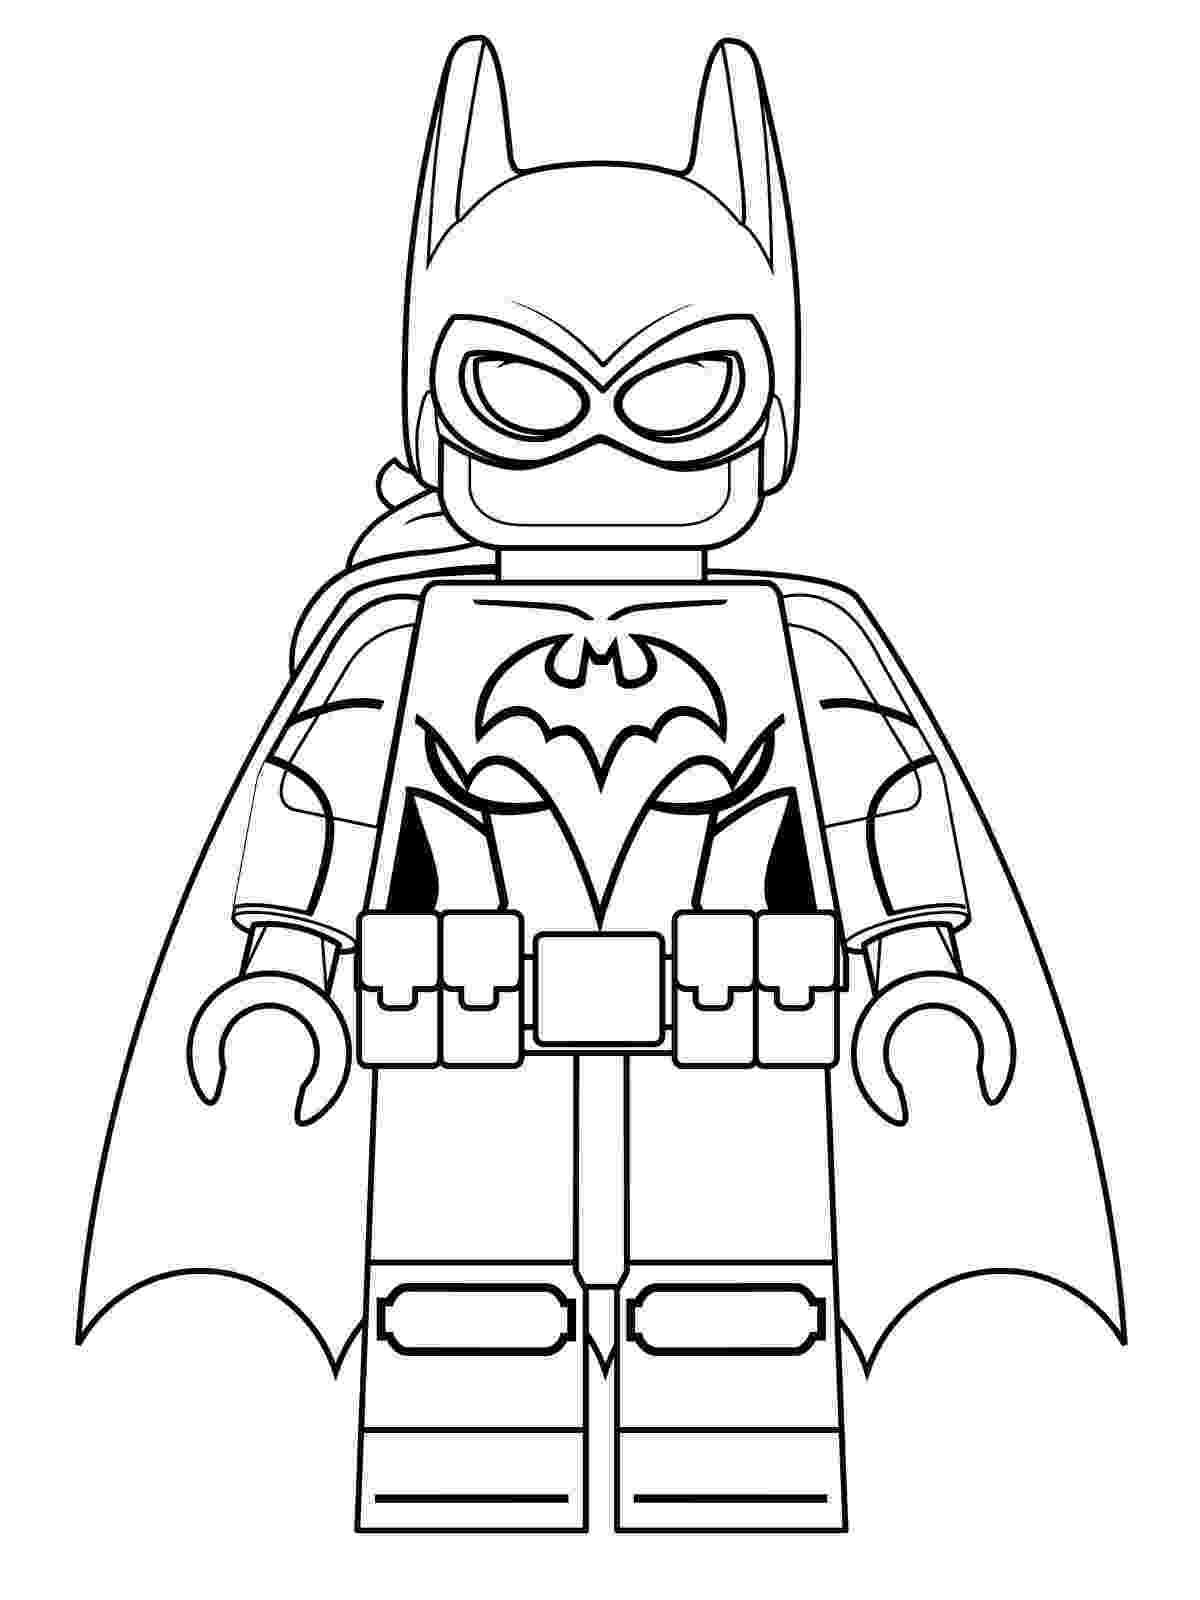 free batman printables lego batman coloring pages best coloring pages for kids batman free printables 1 1